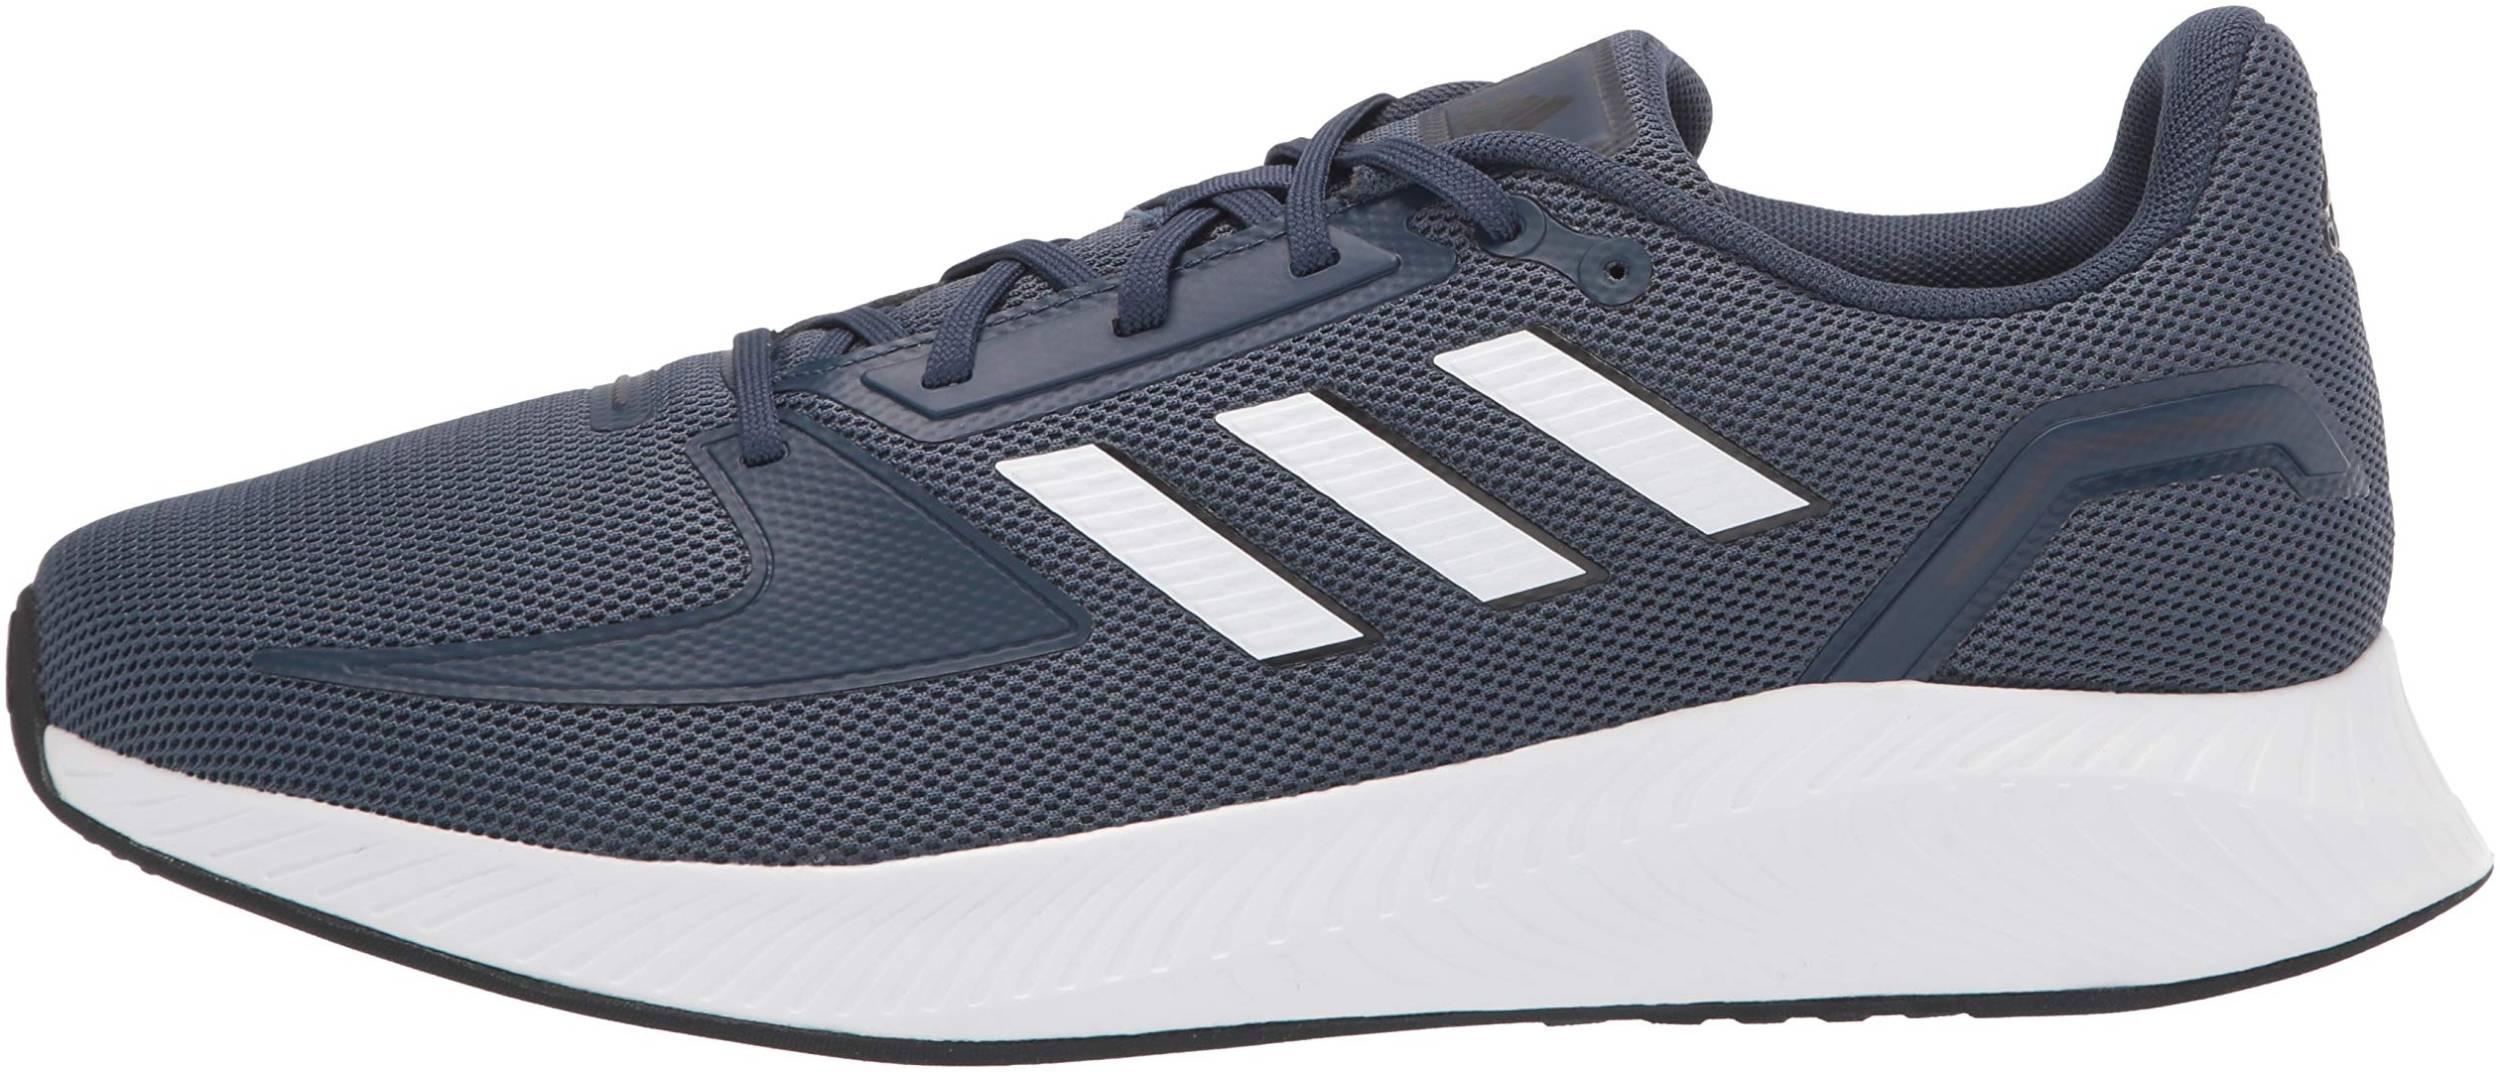 mens adidas running shoes